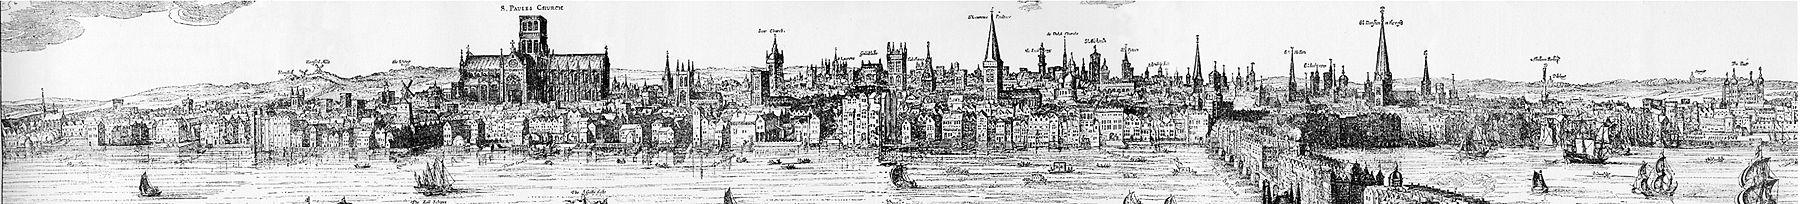 Panoramo de la City de Londono en 1616 fare de Claes Visscher. Atentu la altajn konstruaĵojn sur la ponto de Londono: ili konsistigis famaĉajn kaptilojn en kazo de fajro, kvankam multaj estis jam detruitaj de pli frua incendio en 1632.